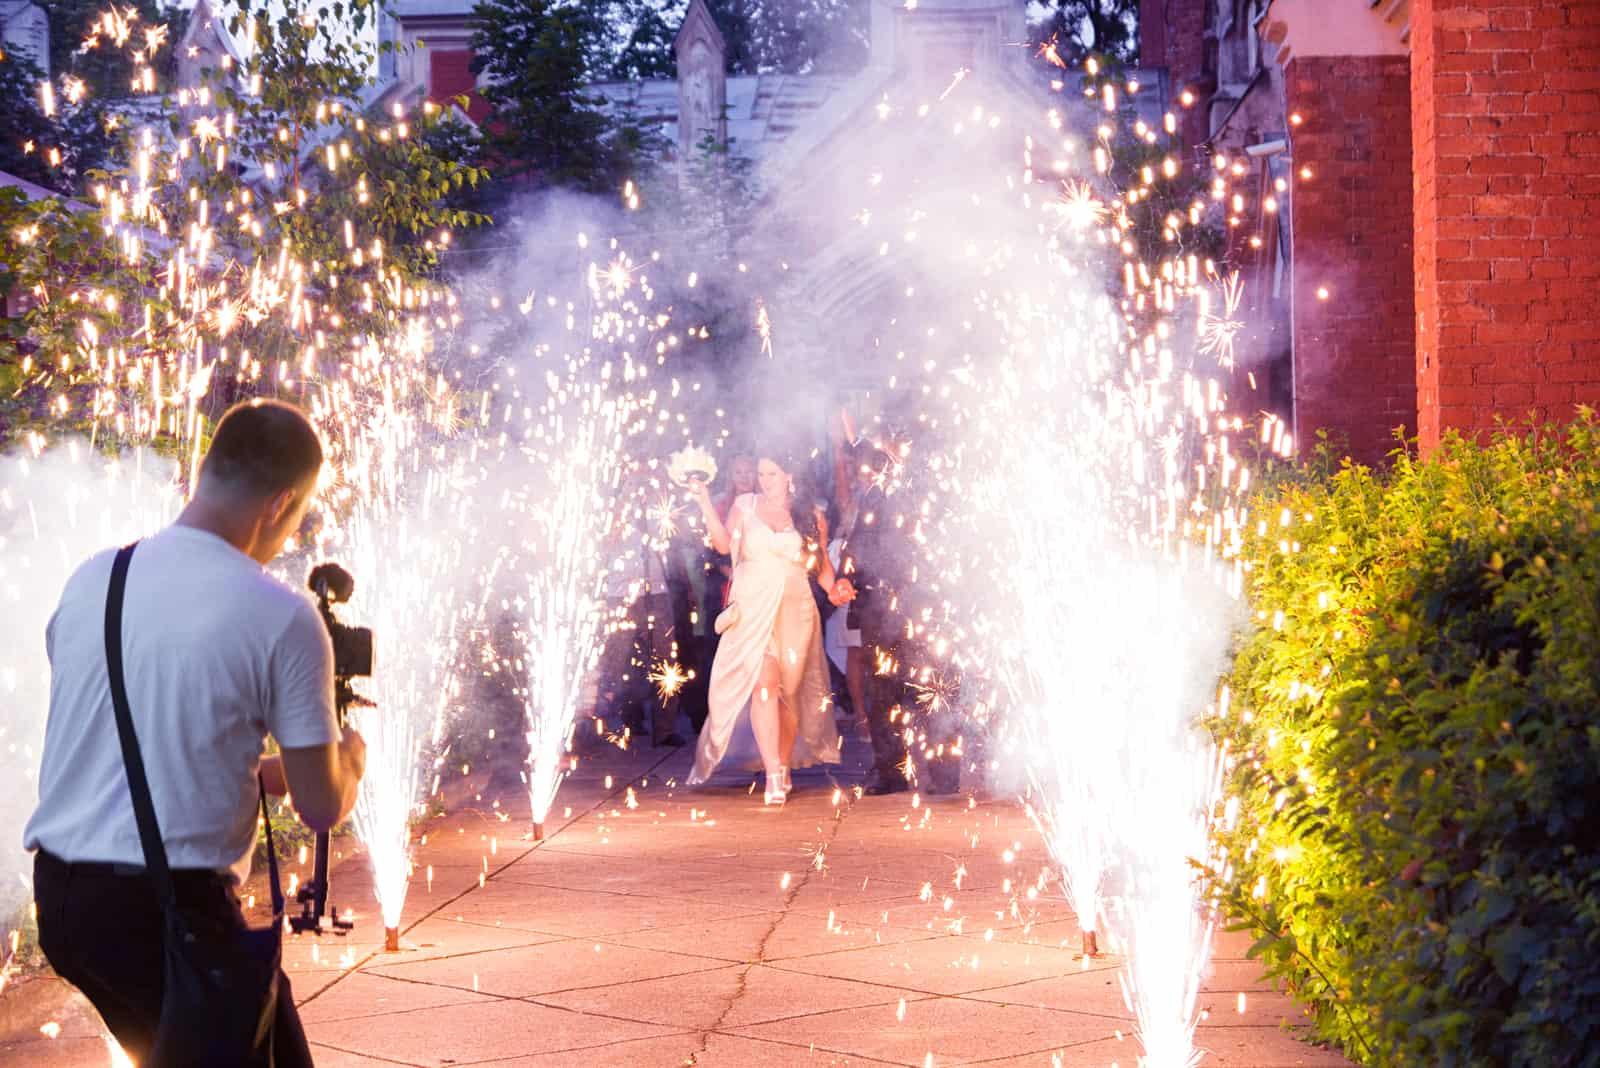 Der Kameramann schießt ein Brautereignis im Feuerwerk